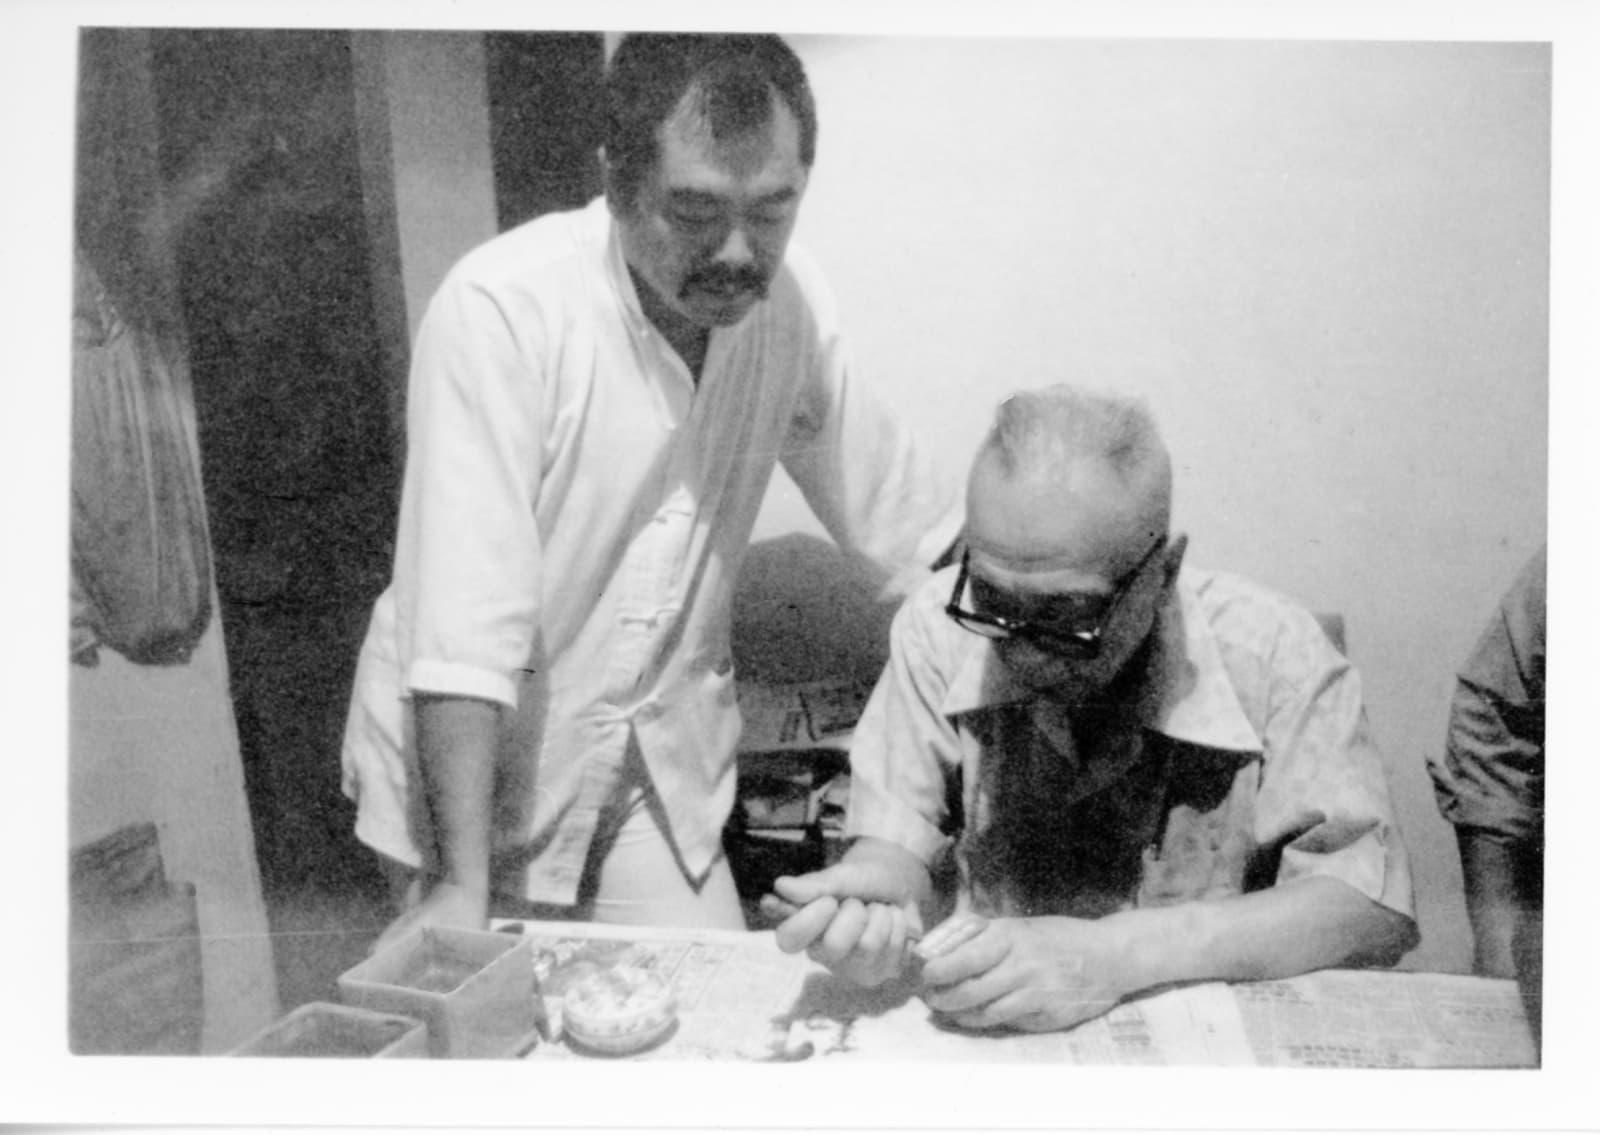 Oct 1978, taken in Ting Yung-yin's place in Hong Kong 1978年10月攝於丁衍庸香港家中